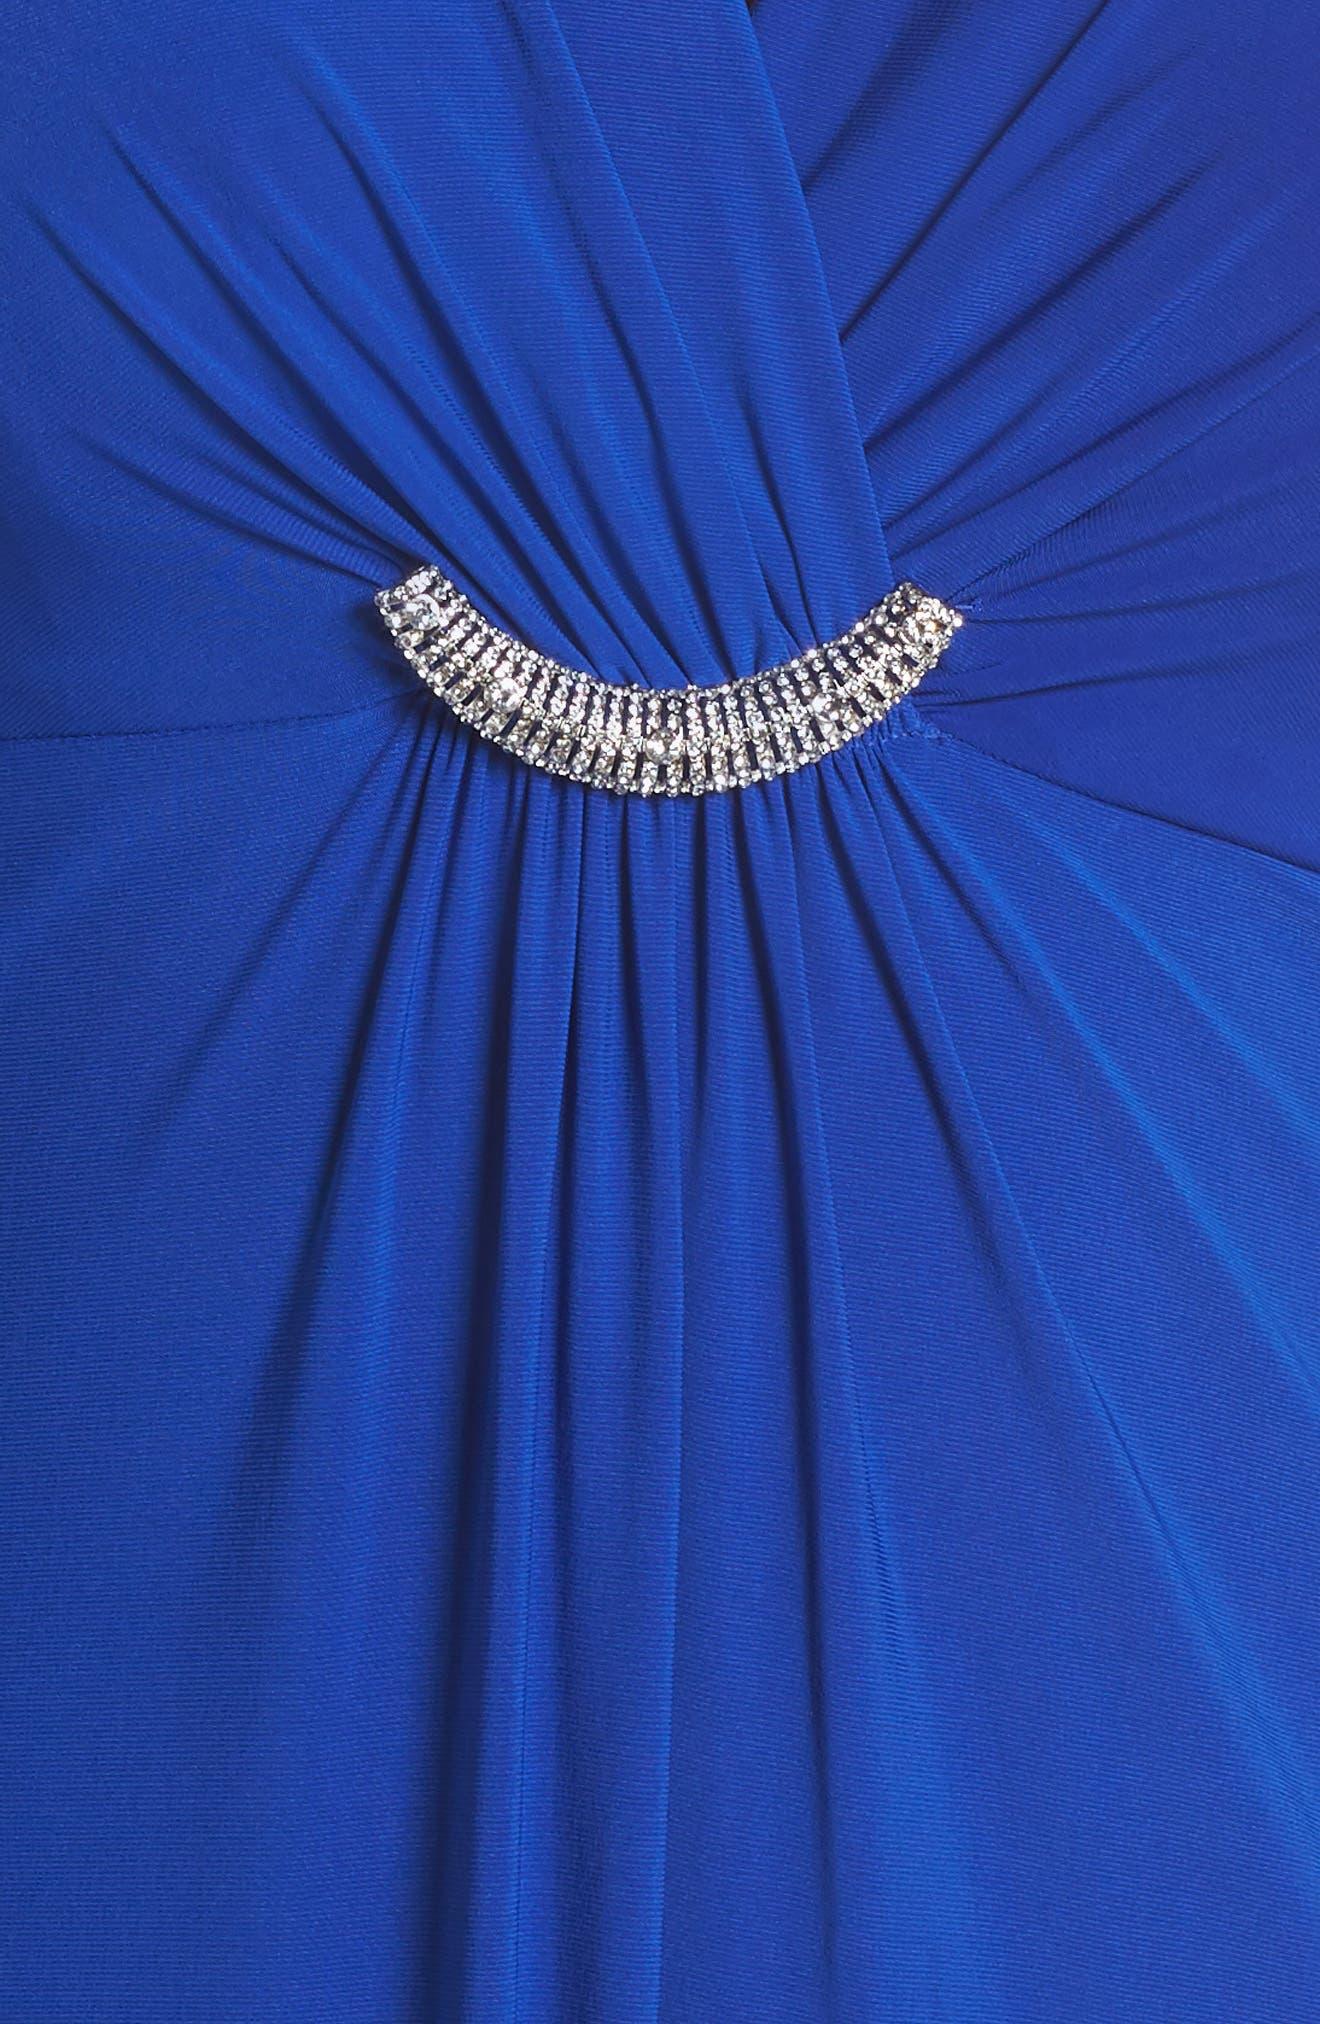 Embellished Surplice Dress,                             Alternate thumbnail 4, color,                             Cobalt